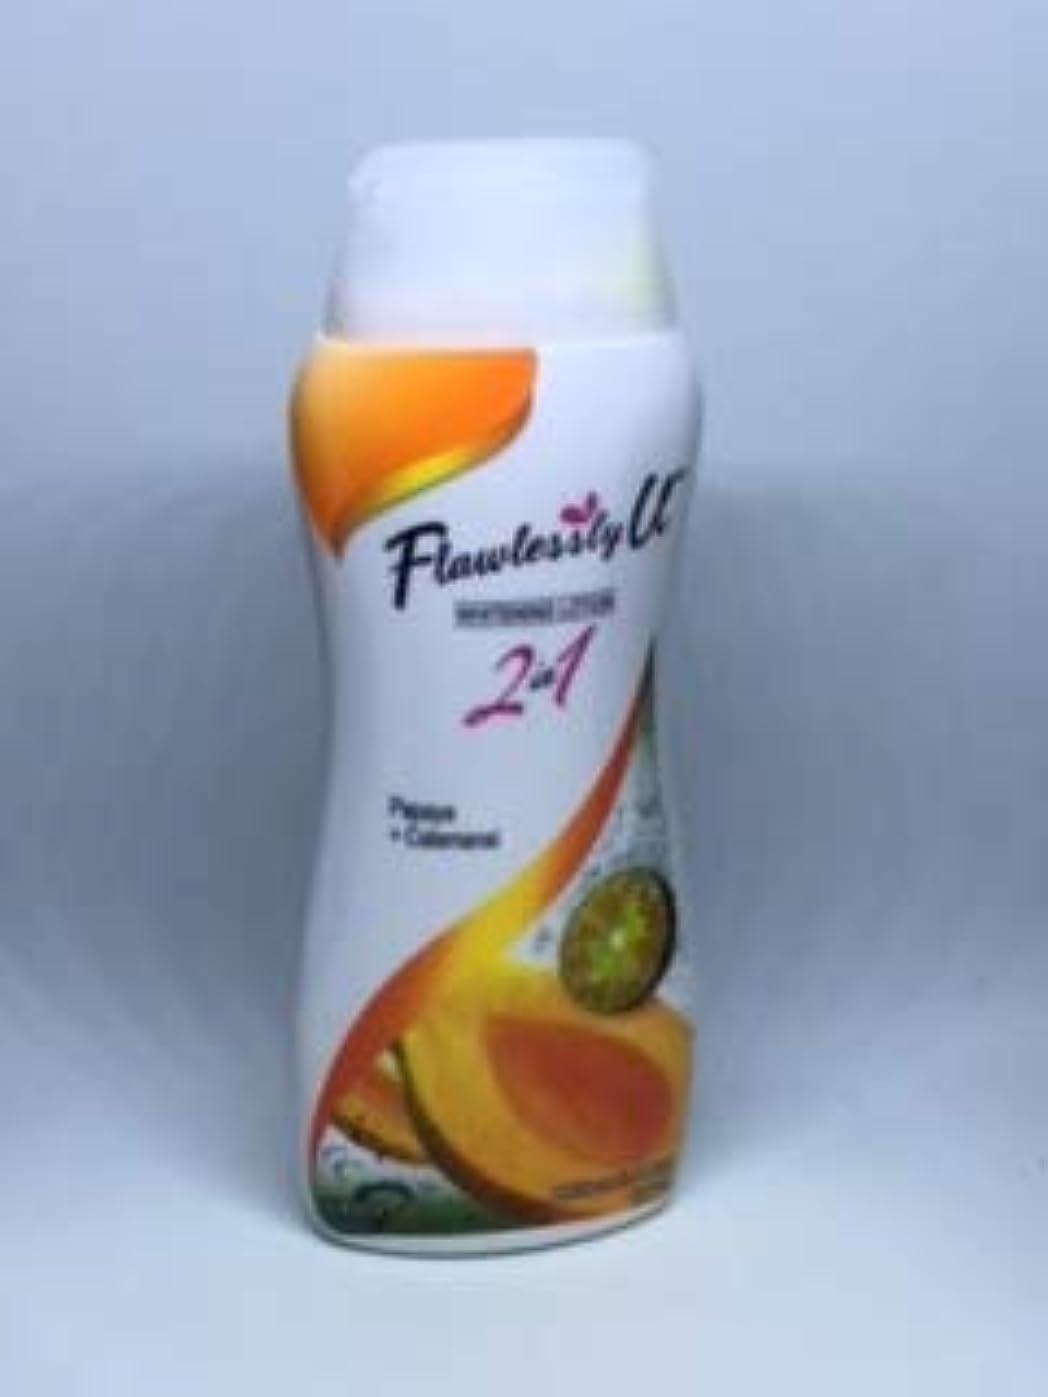 Flswlessly U Papaya&Calamansi 2in1 Whitening Lotion 100ml